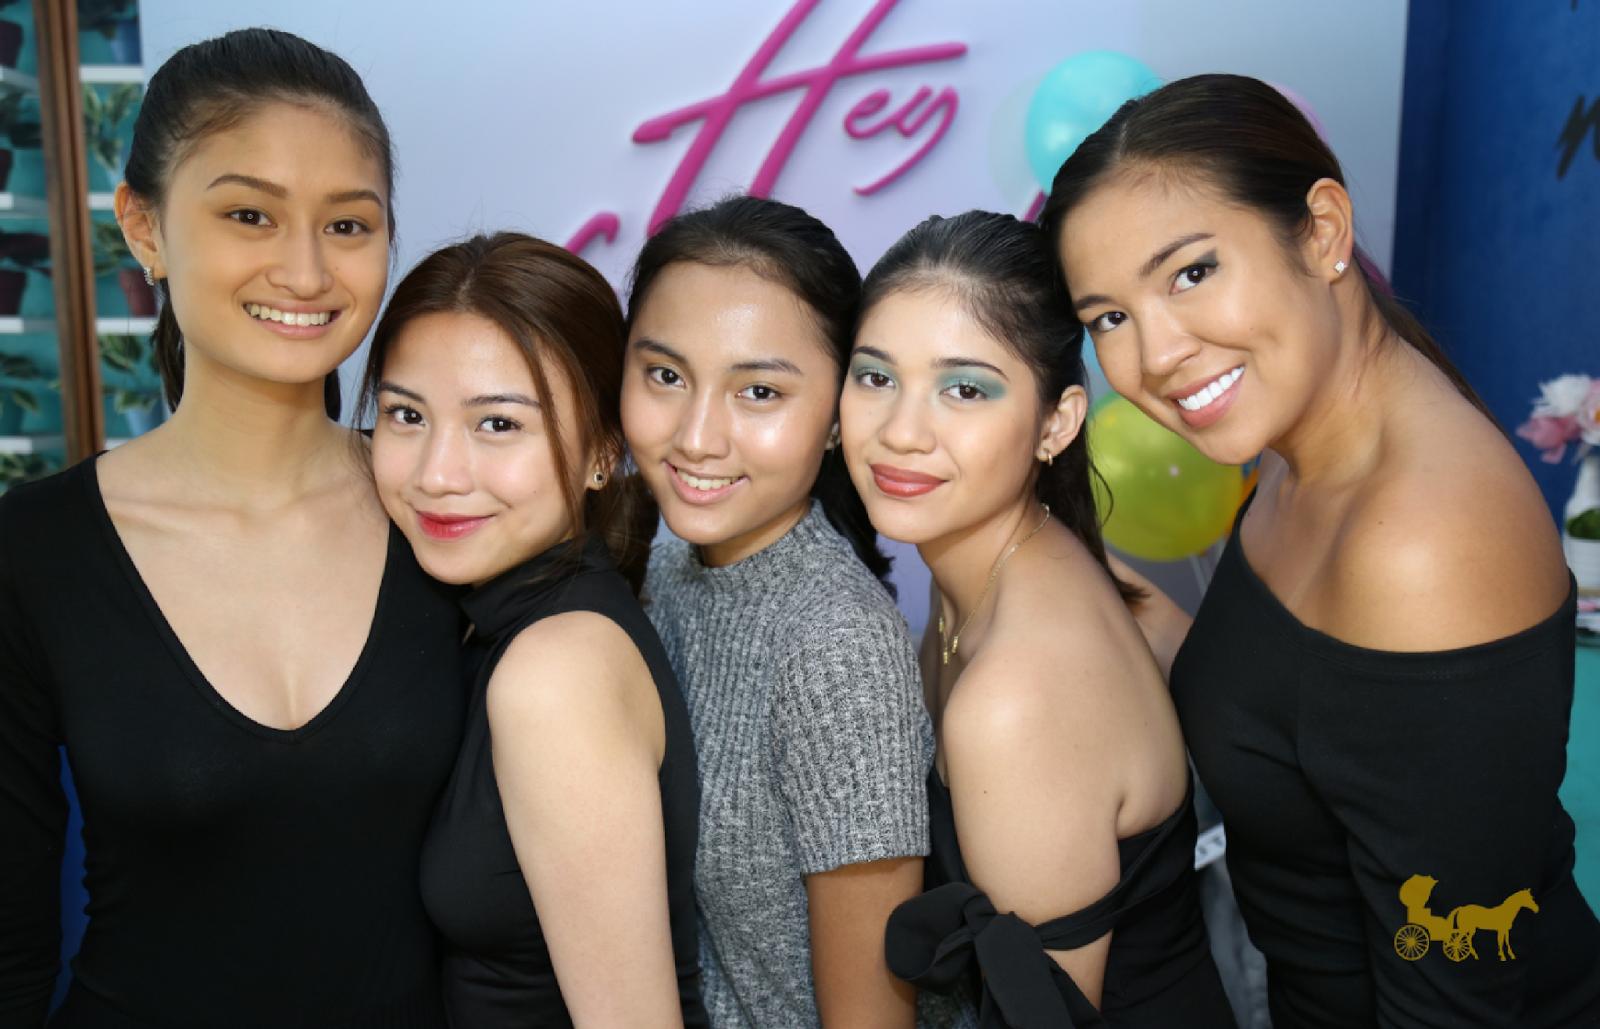 jigs mayuga calyxta 5 makeup trends 2